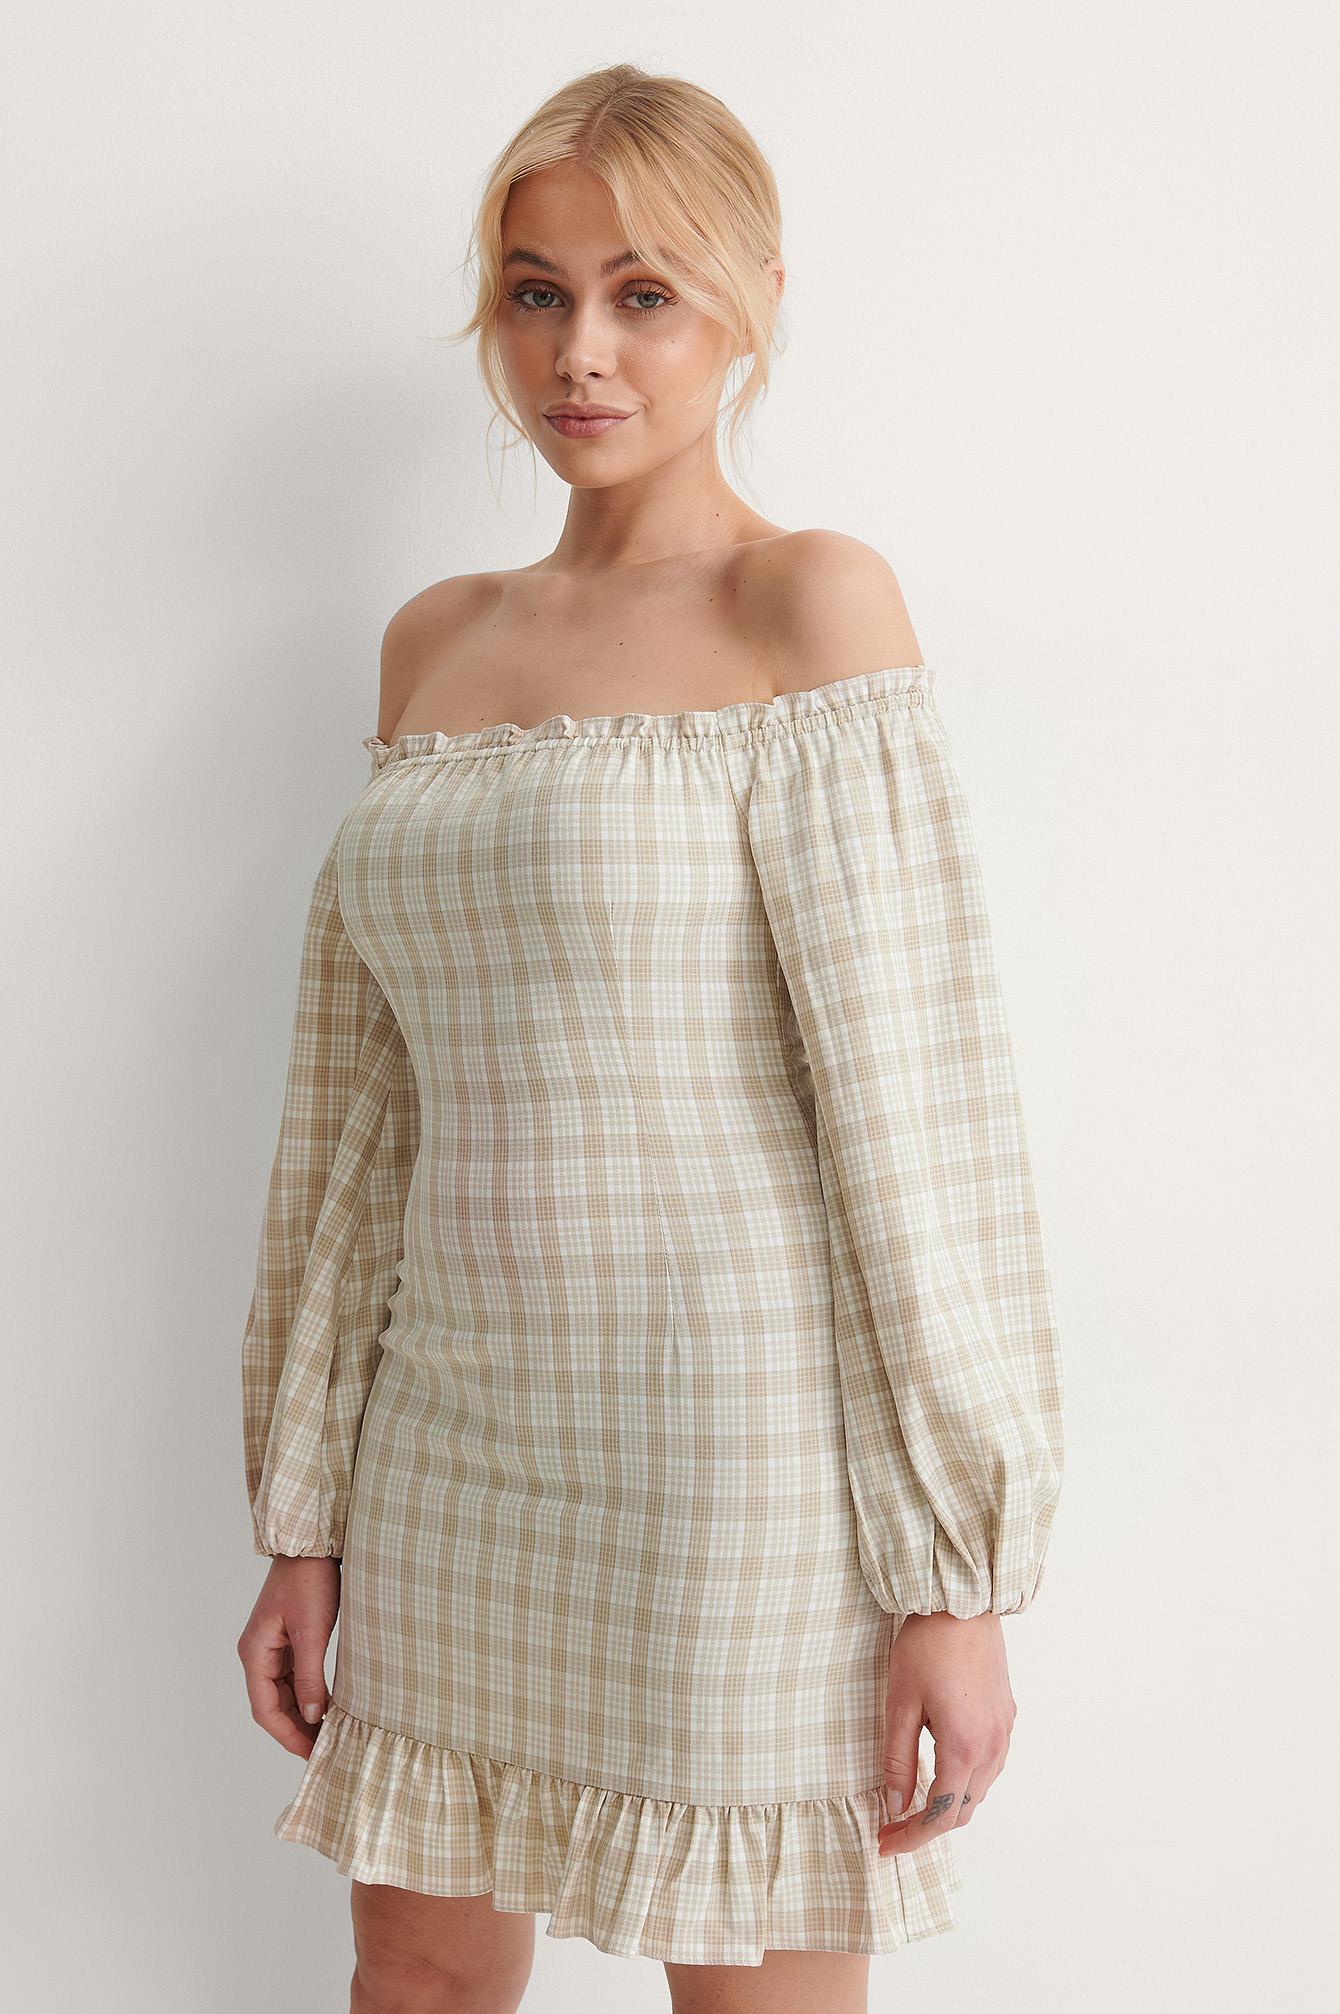 jasmin azizam x na-kd -  Schulterfreies Kleid Mit Ballonärmeln - Beige